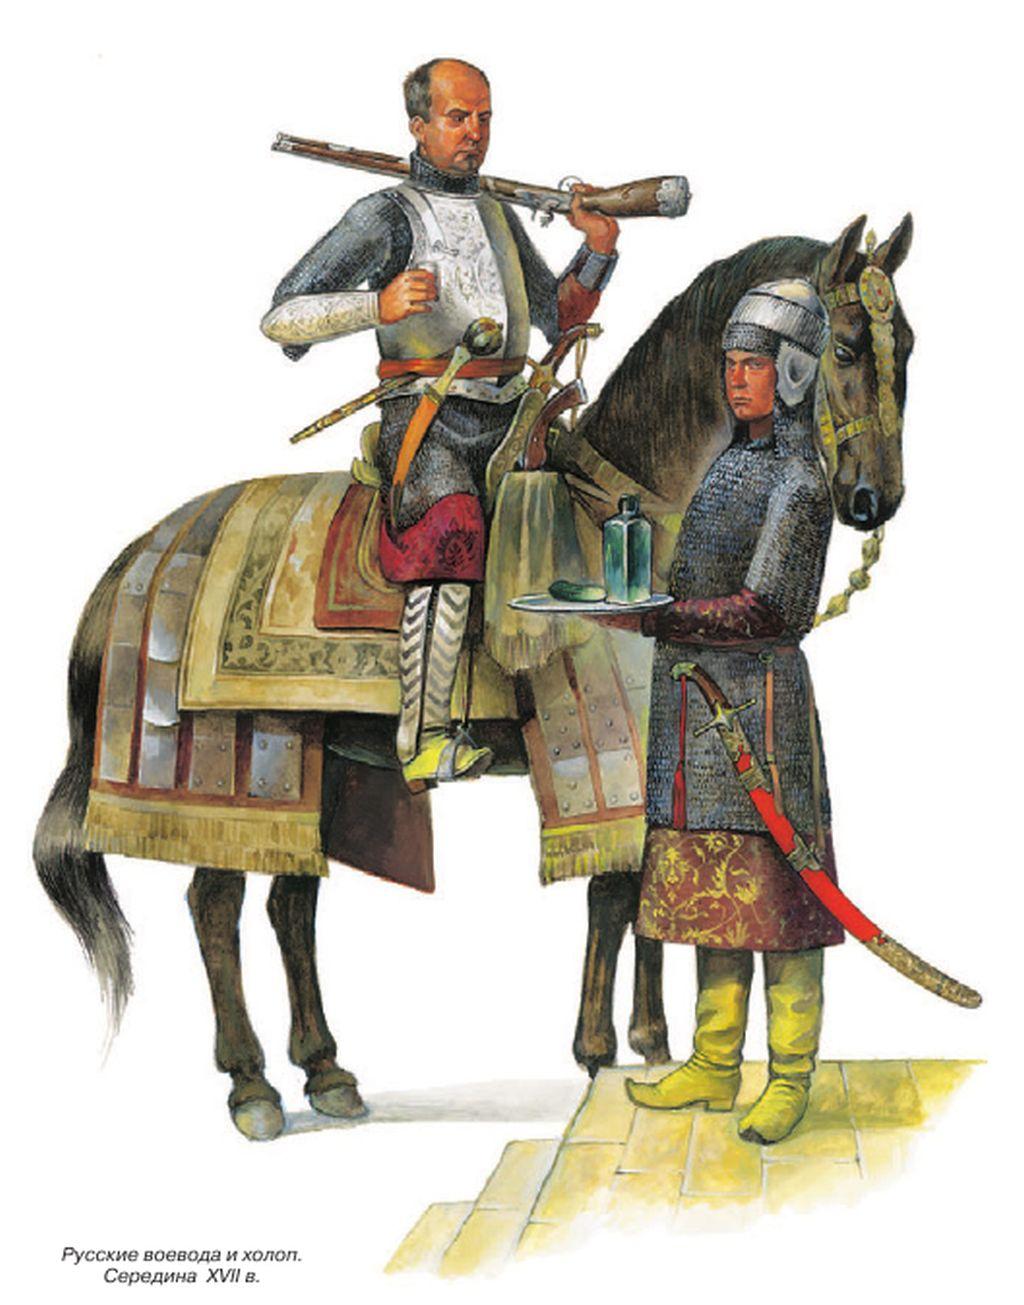 Военная и��о�ия xvixvii веков Р���кие �ей�а�� в �и��нка�